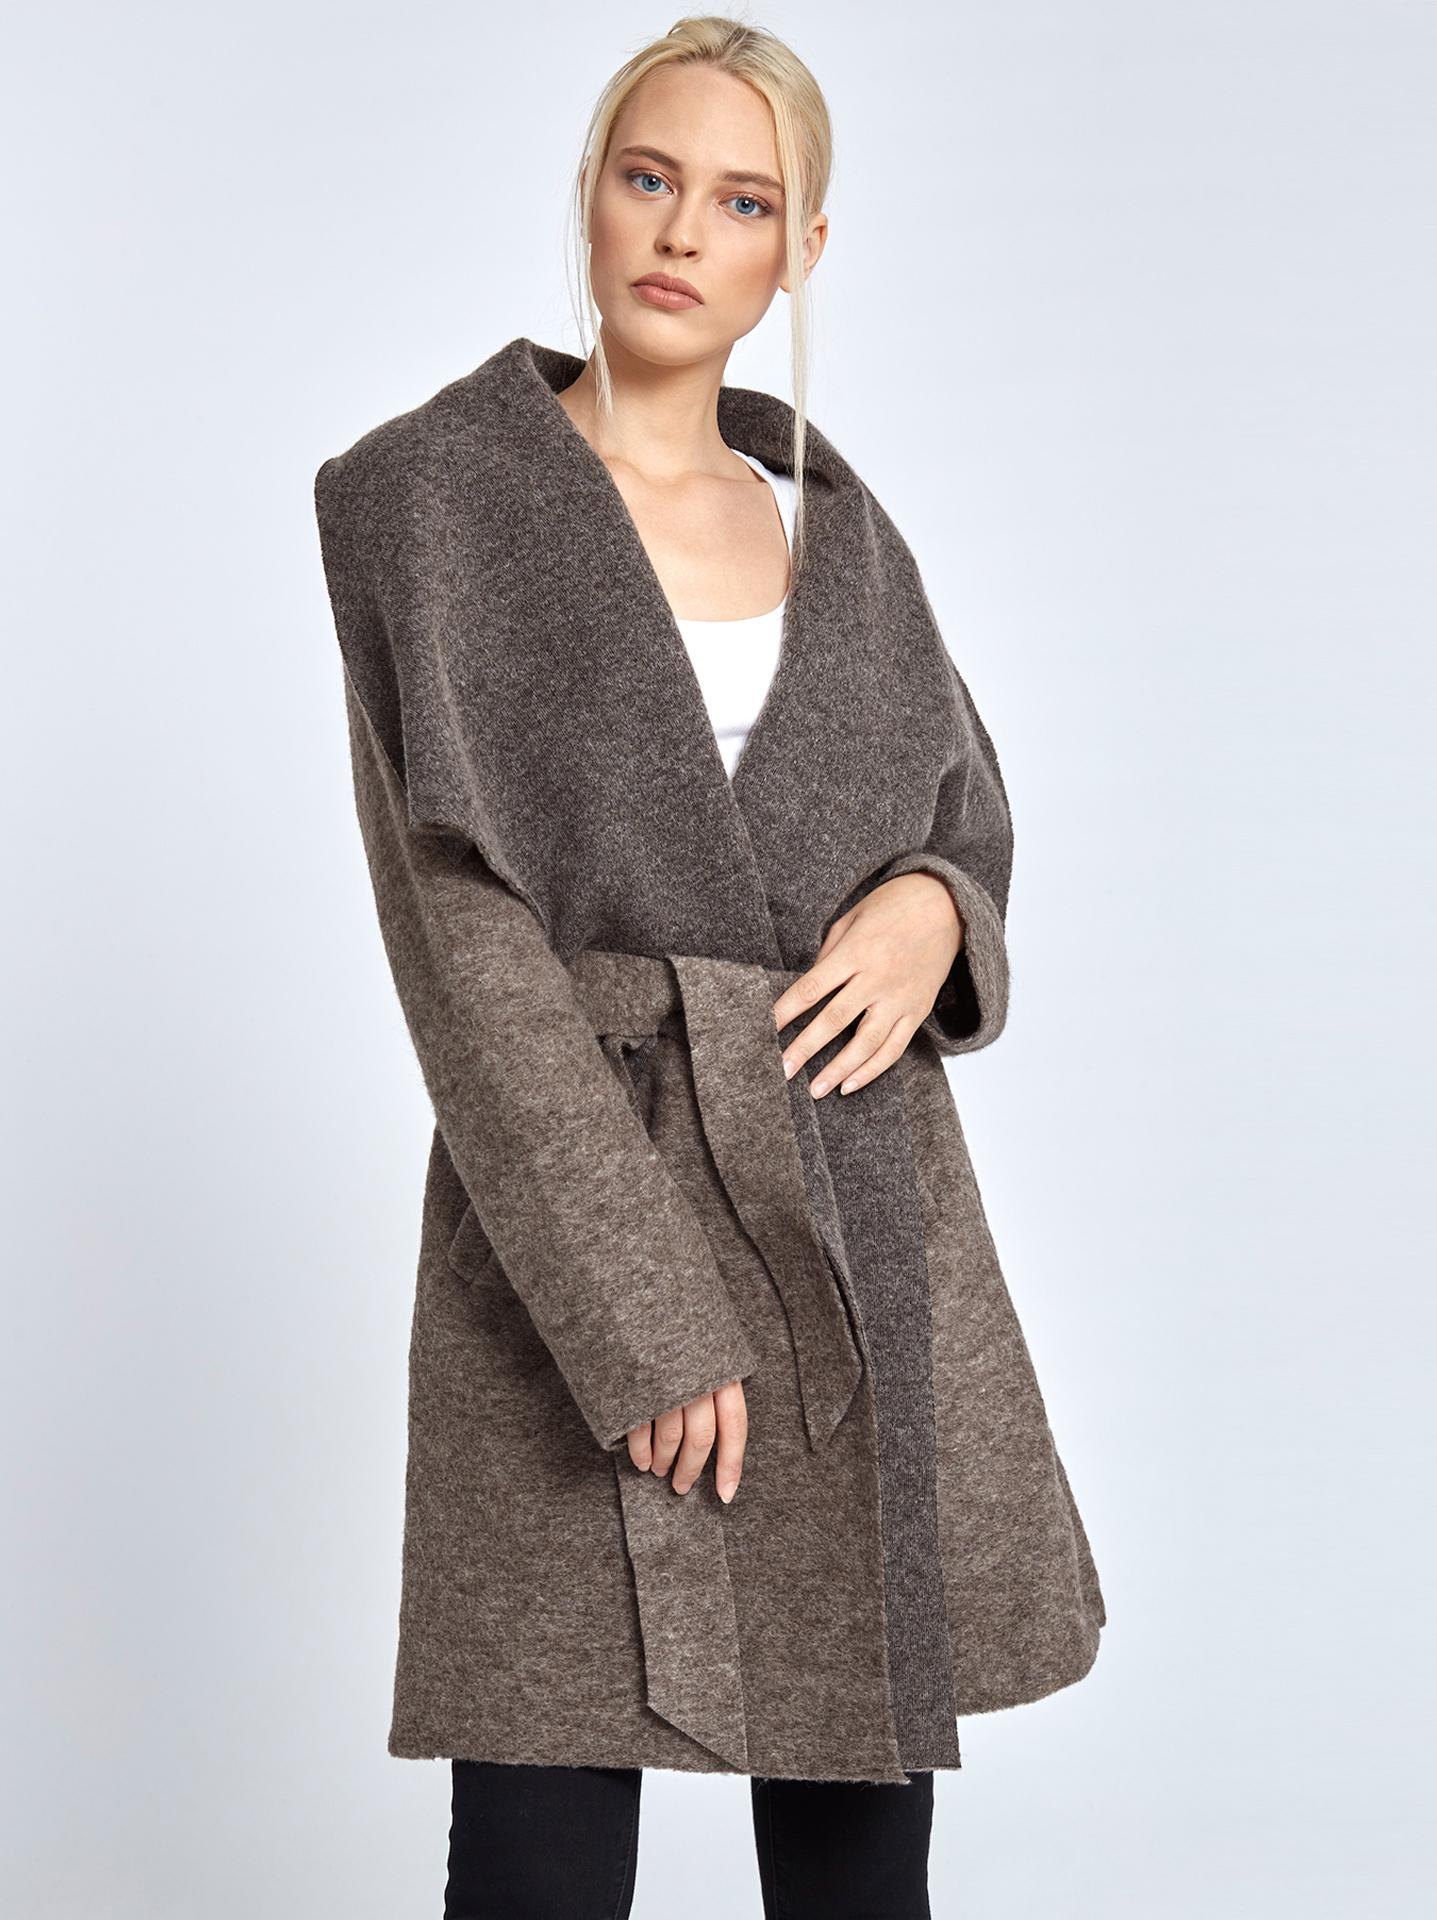 Μπουκλέ παλτό με ζώνη σε καφε ανοιχτο f21e3d6baa5